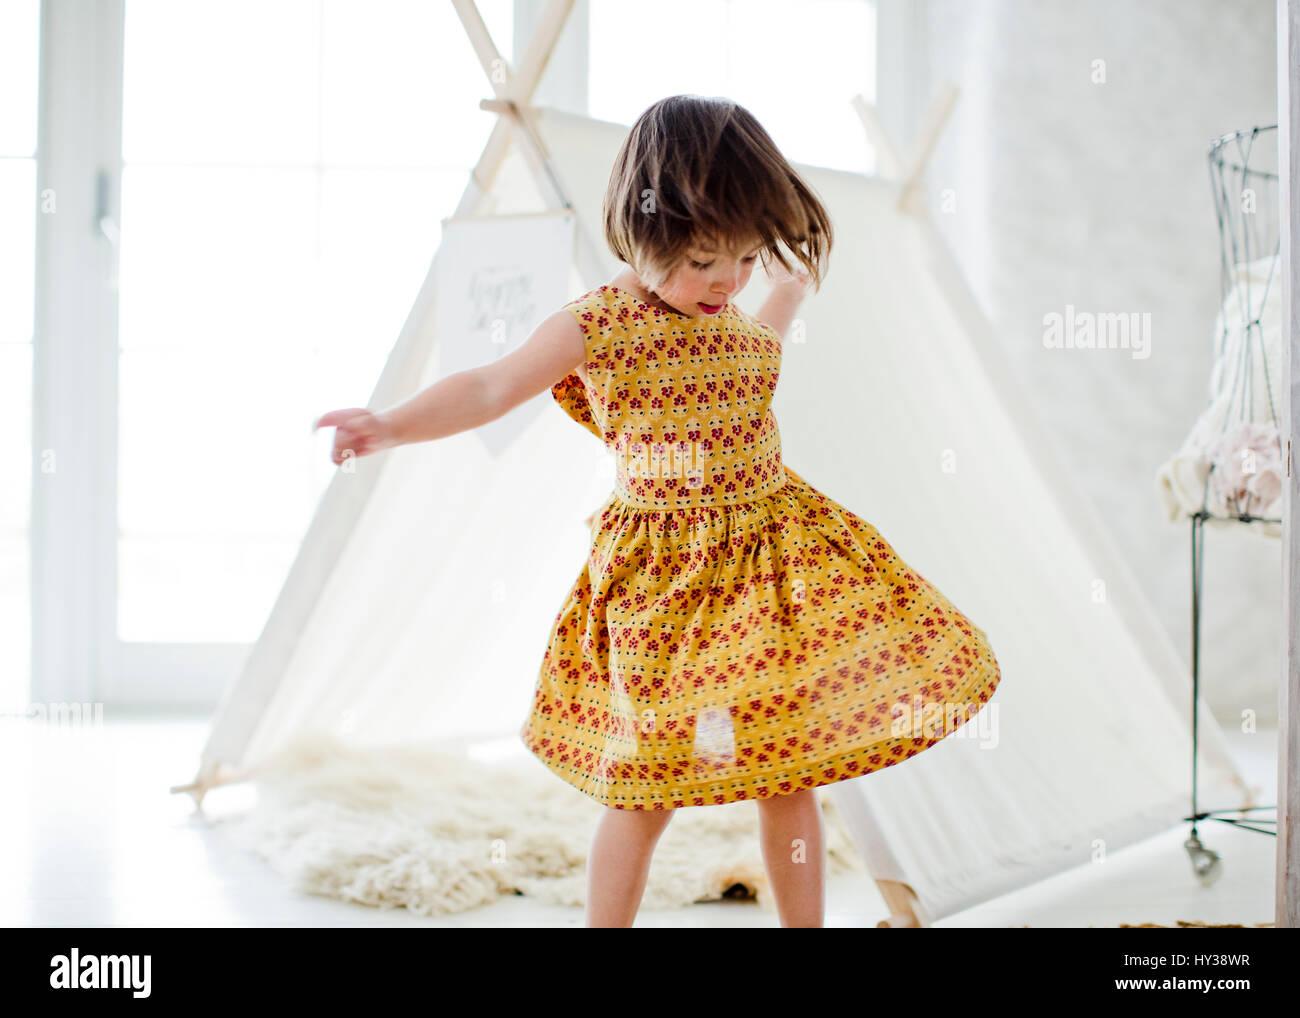 Suecia, chica (4-5) bailando junto a la carpa en casa Imagen De Stock